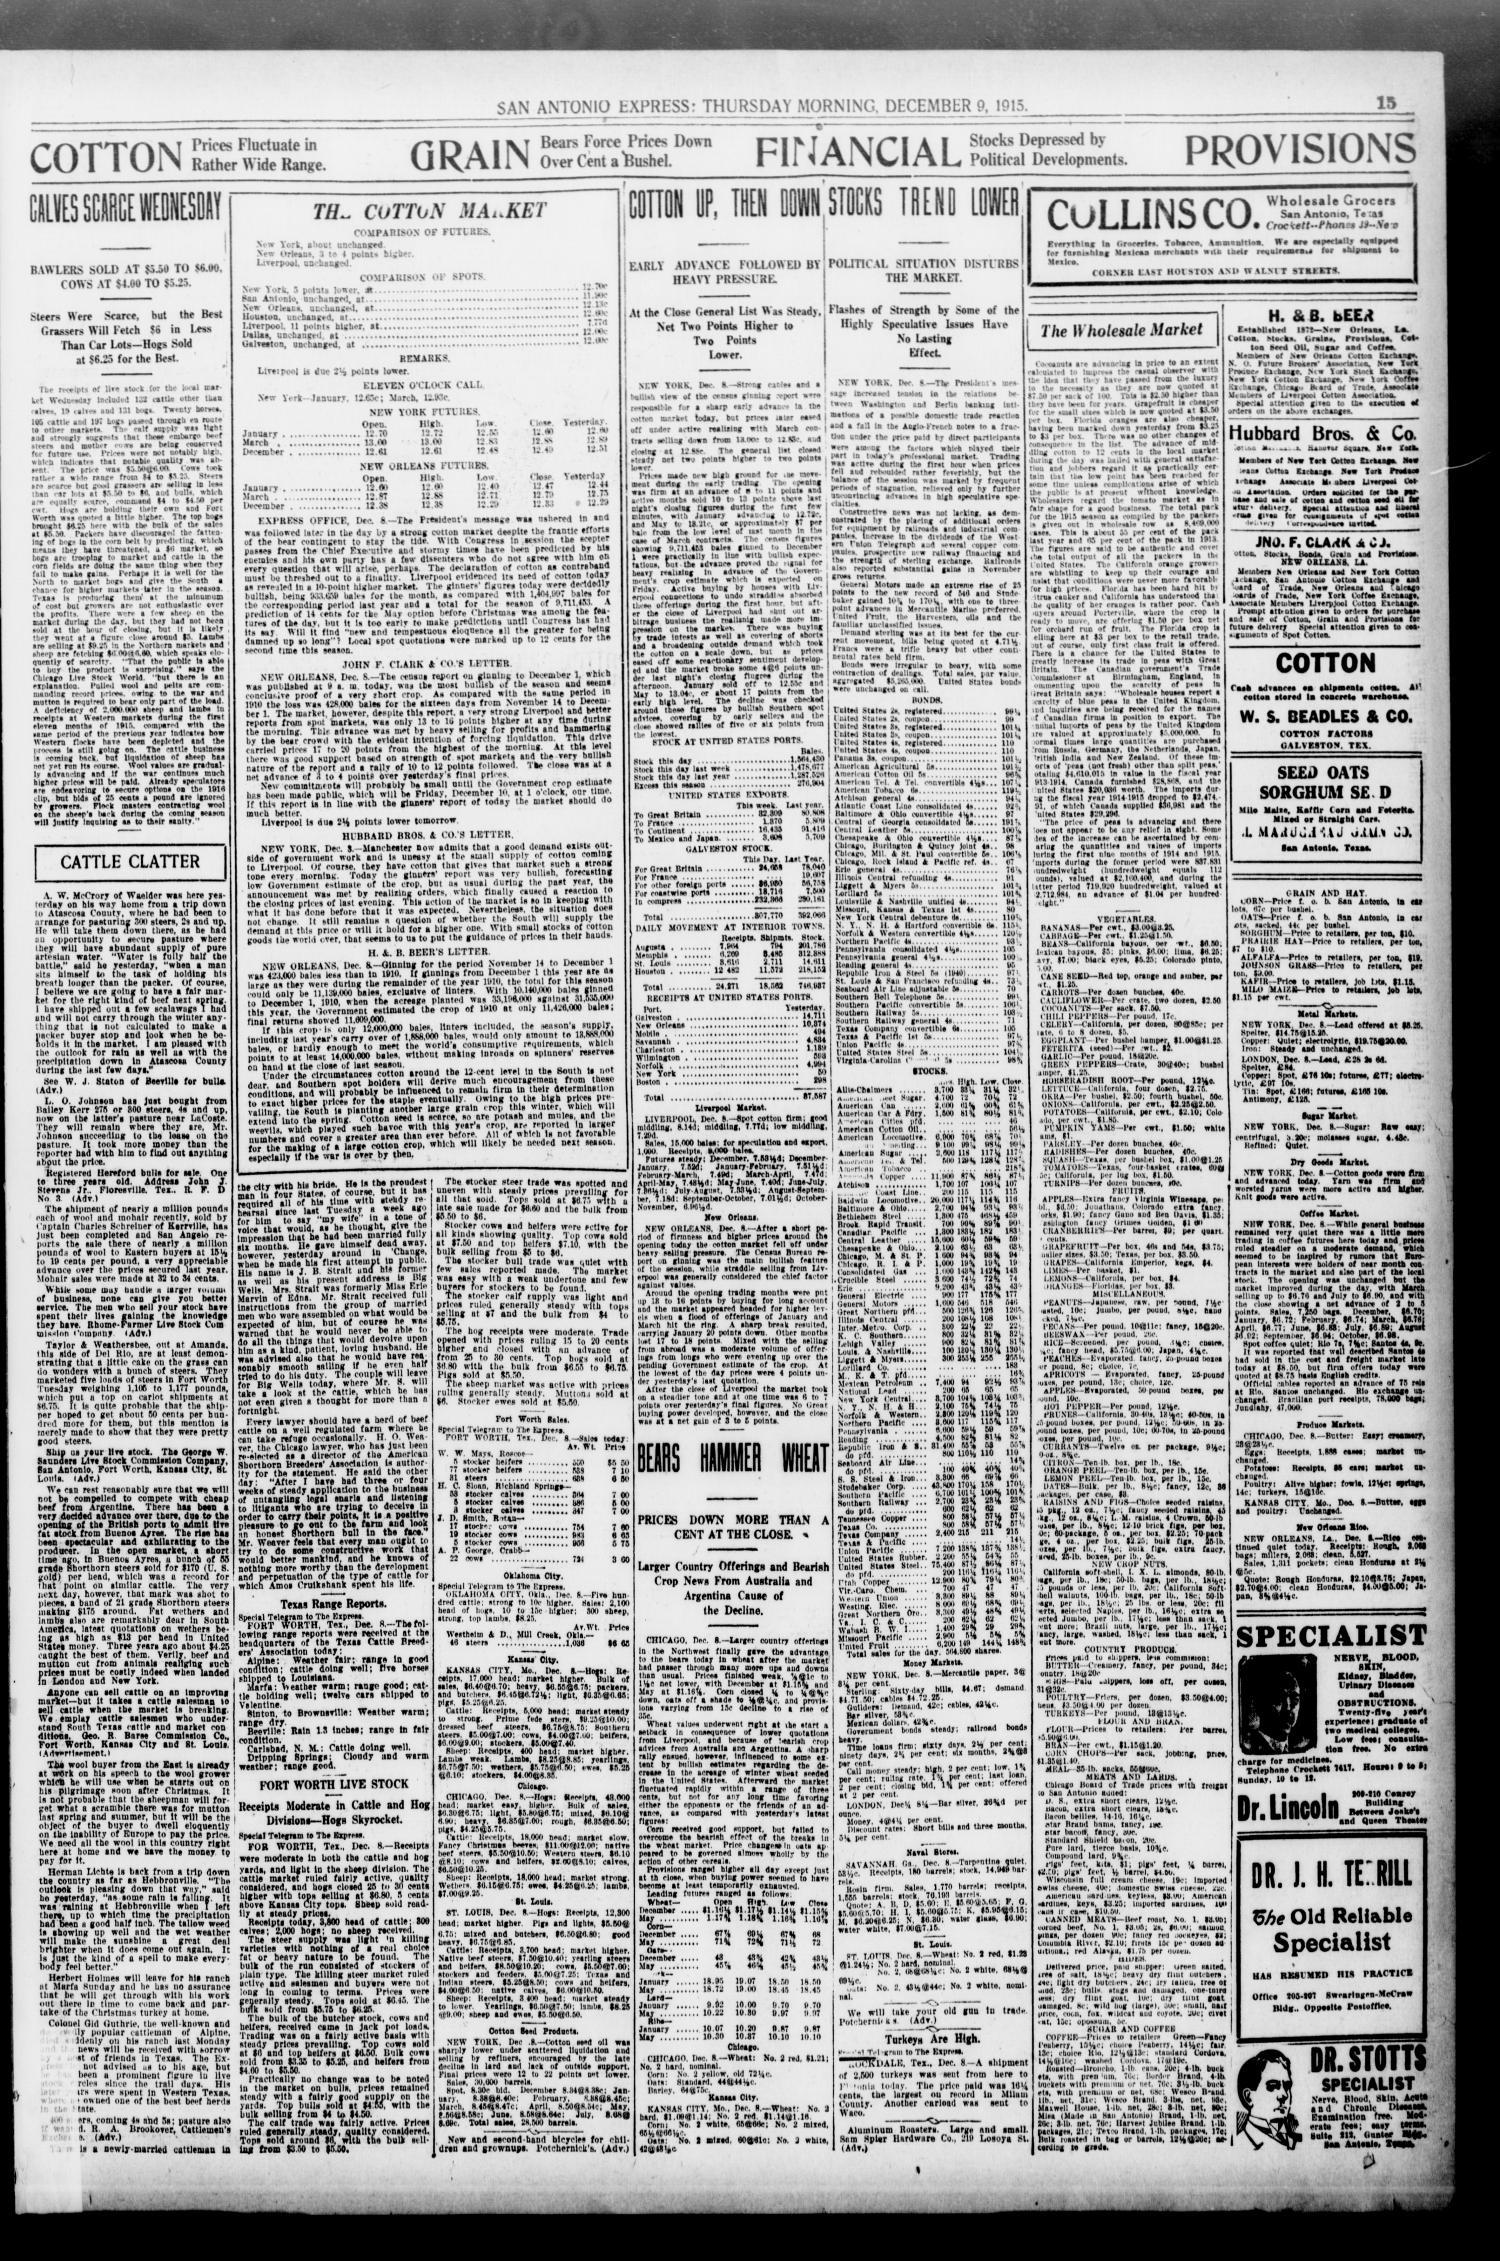 San Antonio Express  (San Antonio, Tex ), Vol  50, No  343